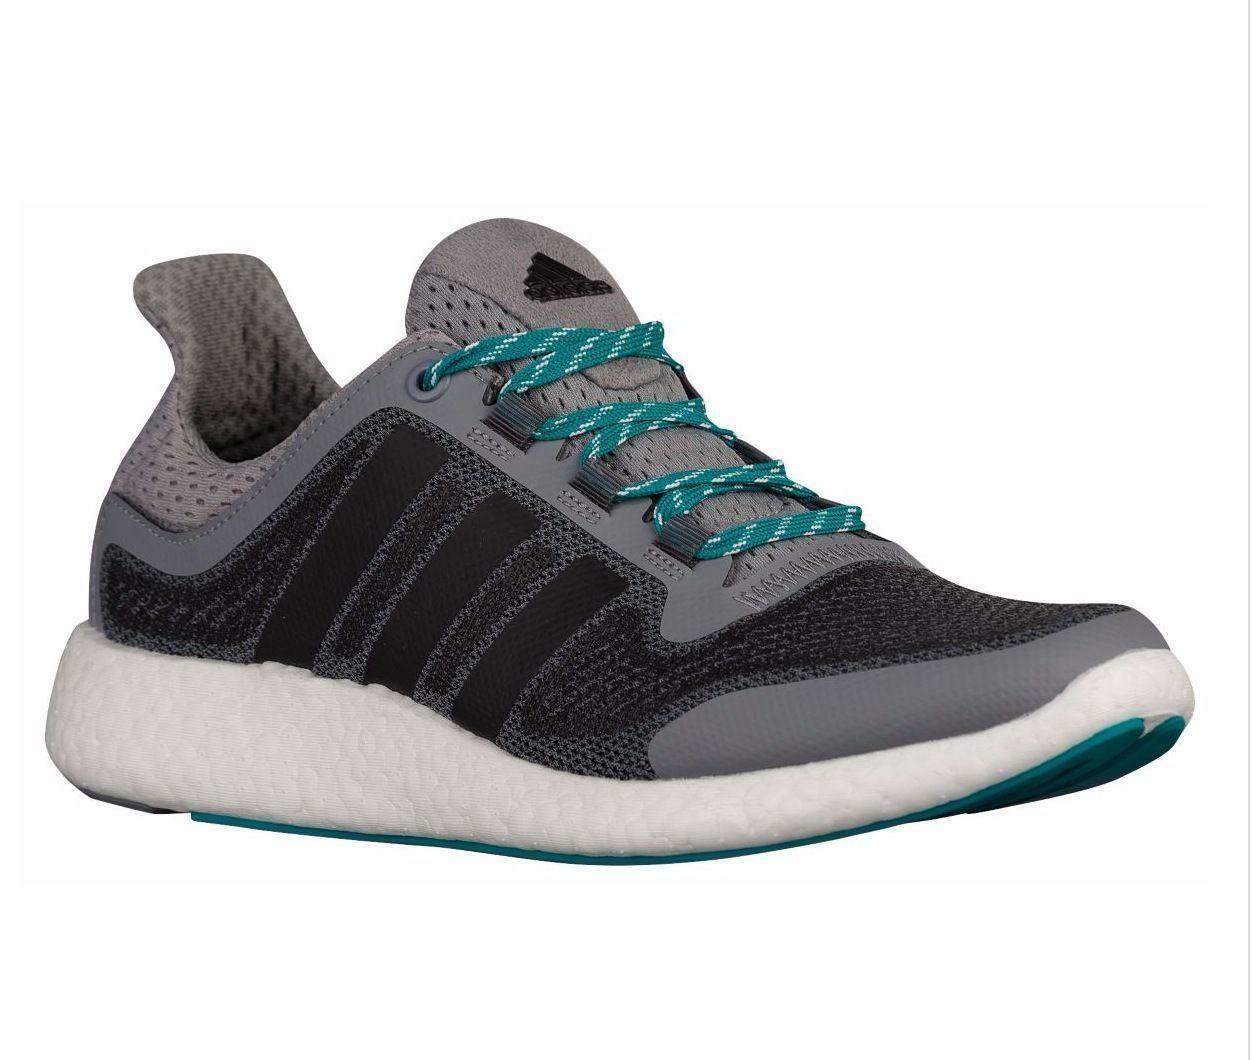 Adidas Hombre Pureboost 2M gris Textil Zapatillas Running Aq4440